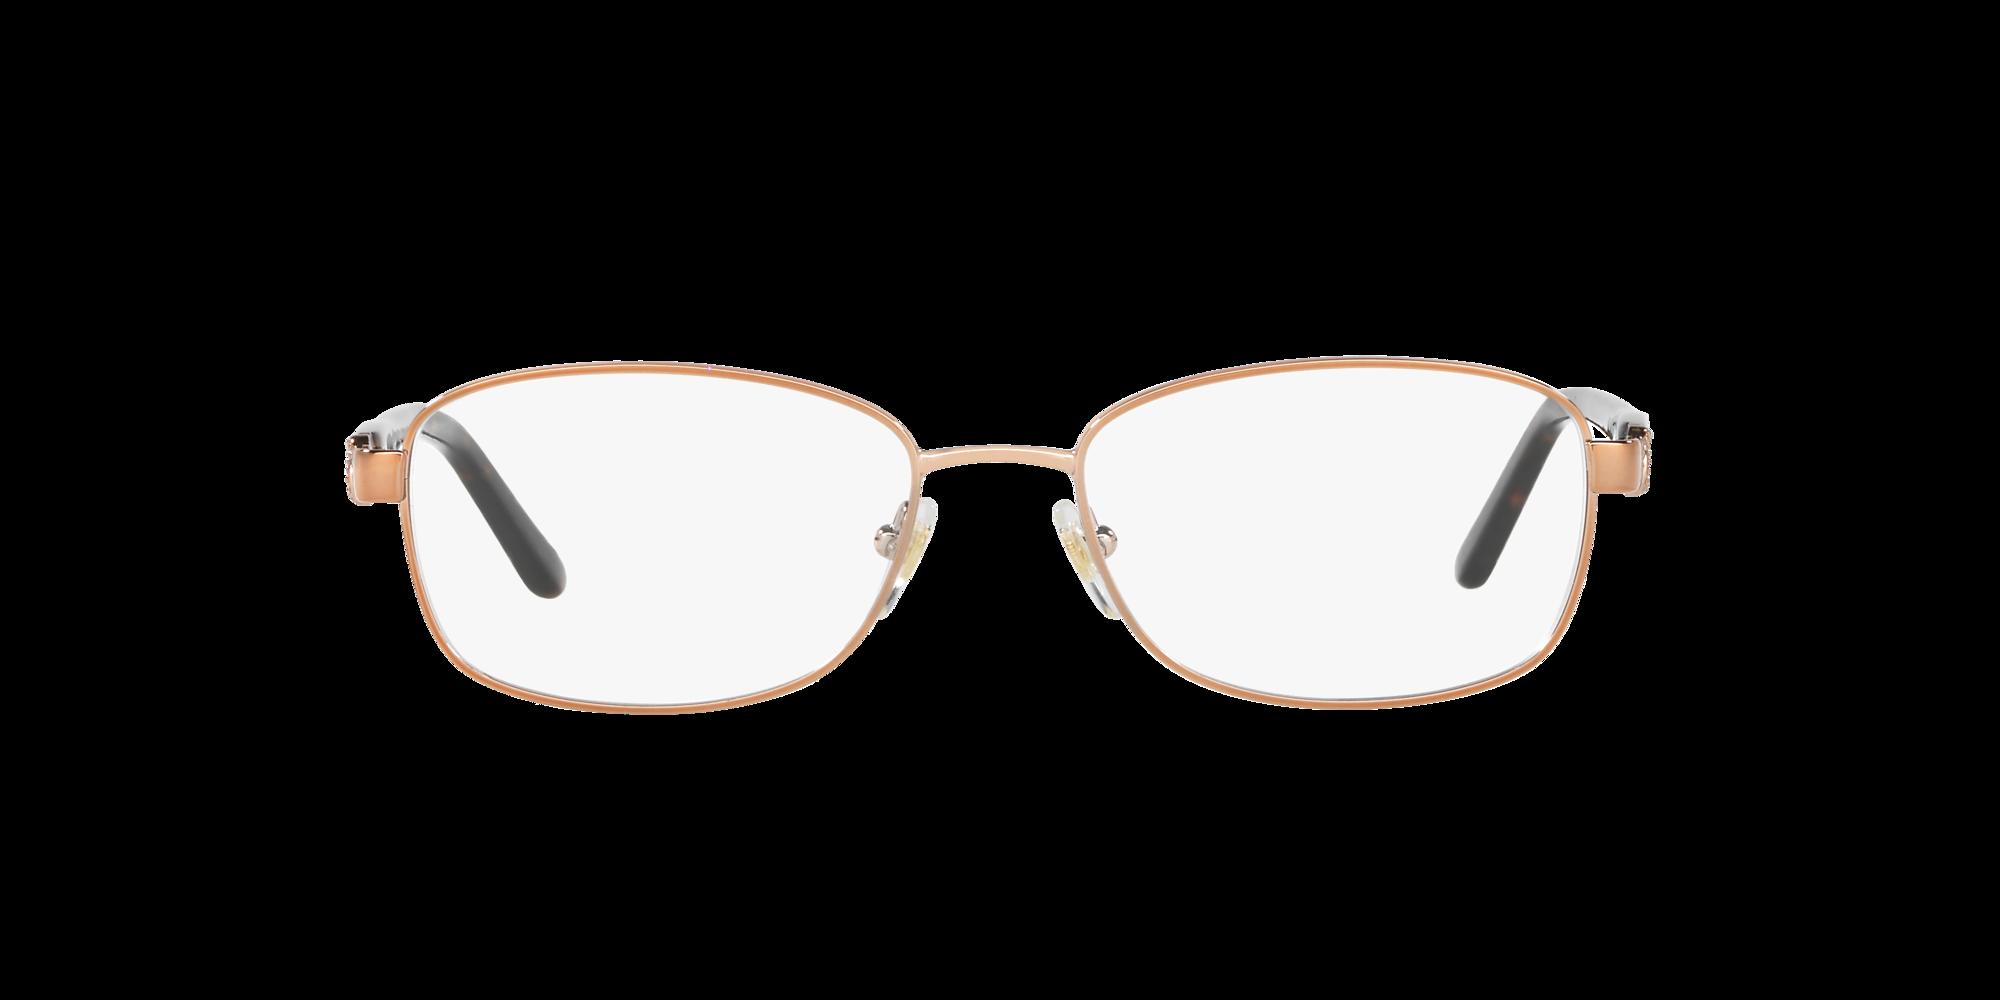 Imagen para SF2570 de LensCrafters    Espejuelos, espejuelos graduados en línea, gafas